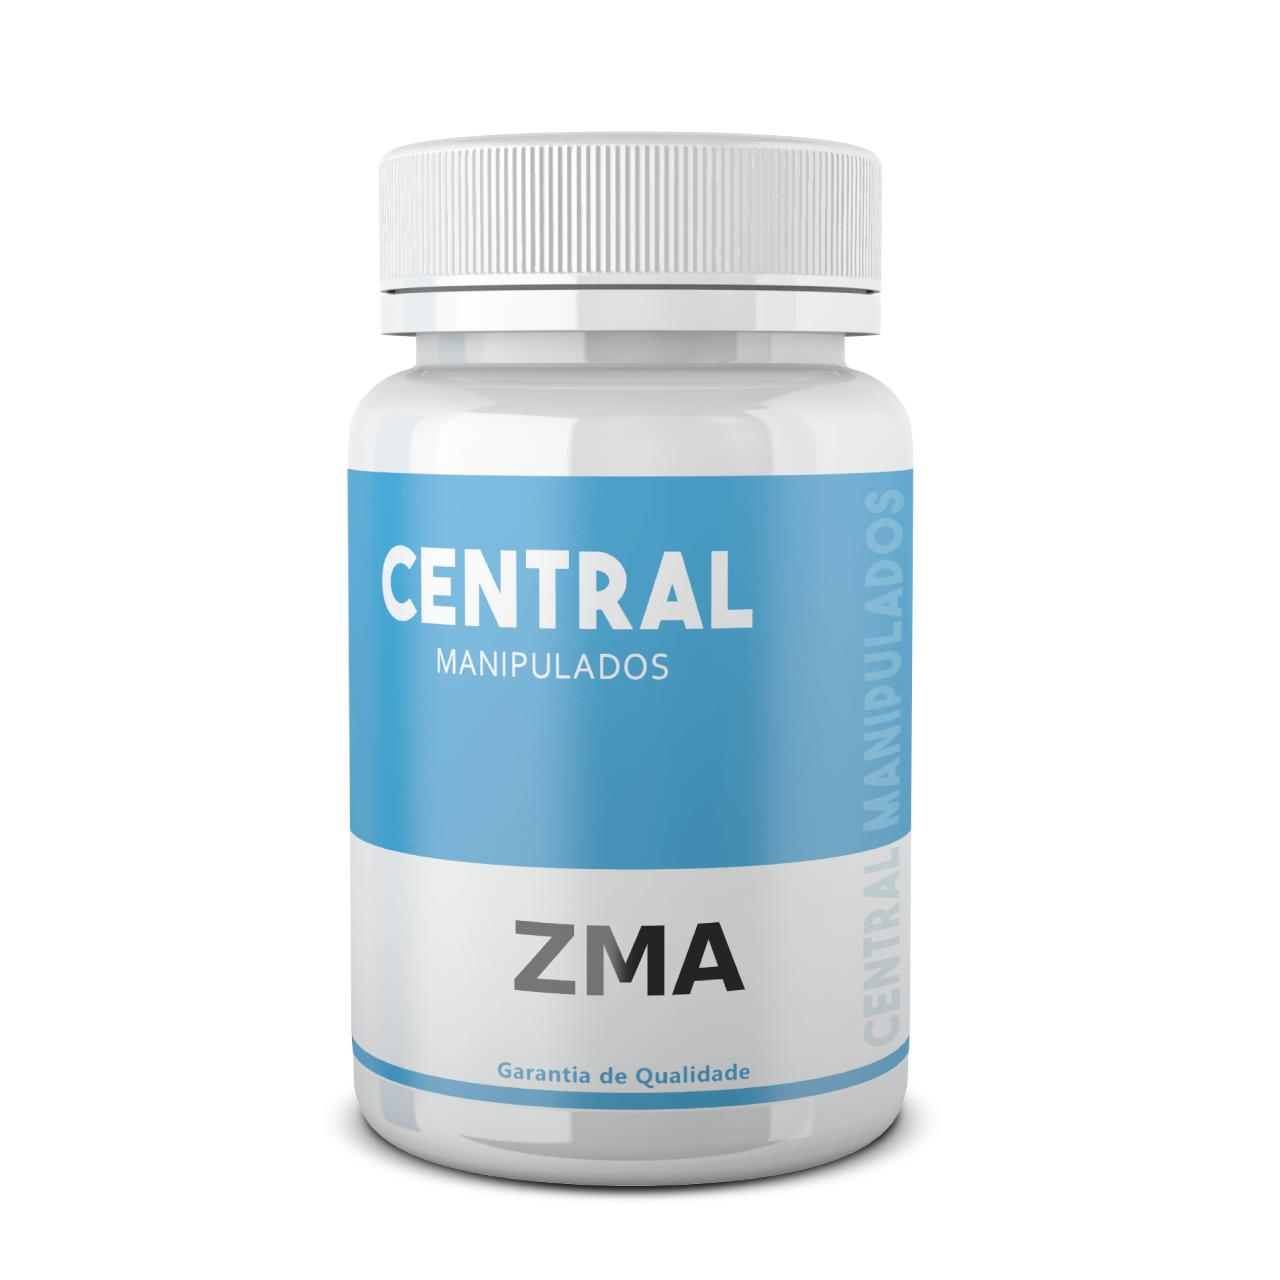 Suplemento de Zinco, Magnésio e Vitamina B6 - 90 cápsulas